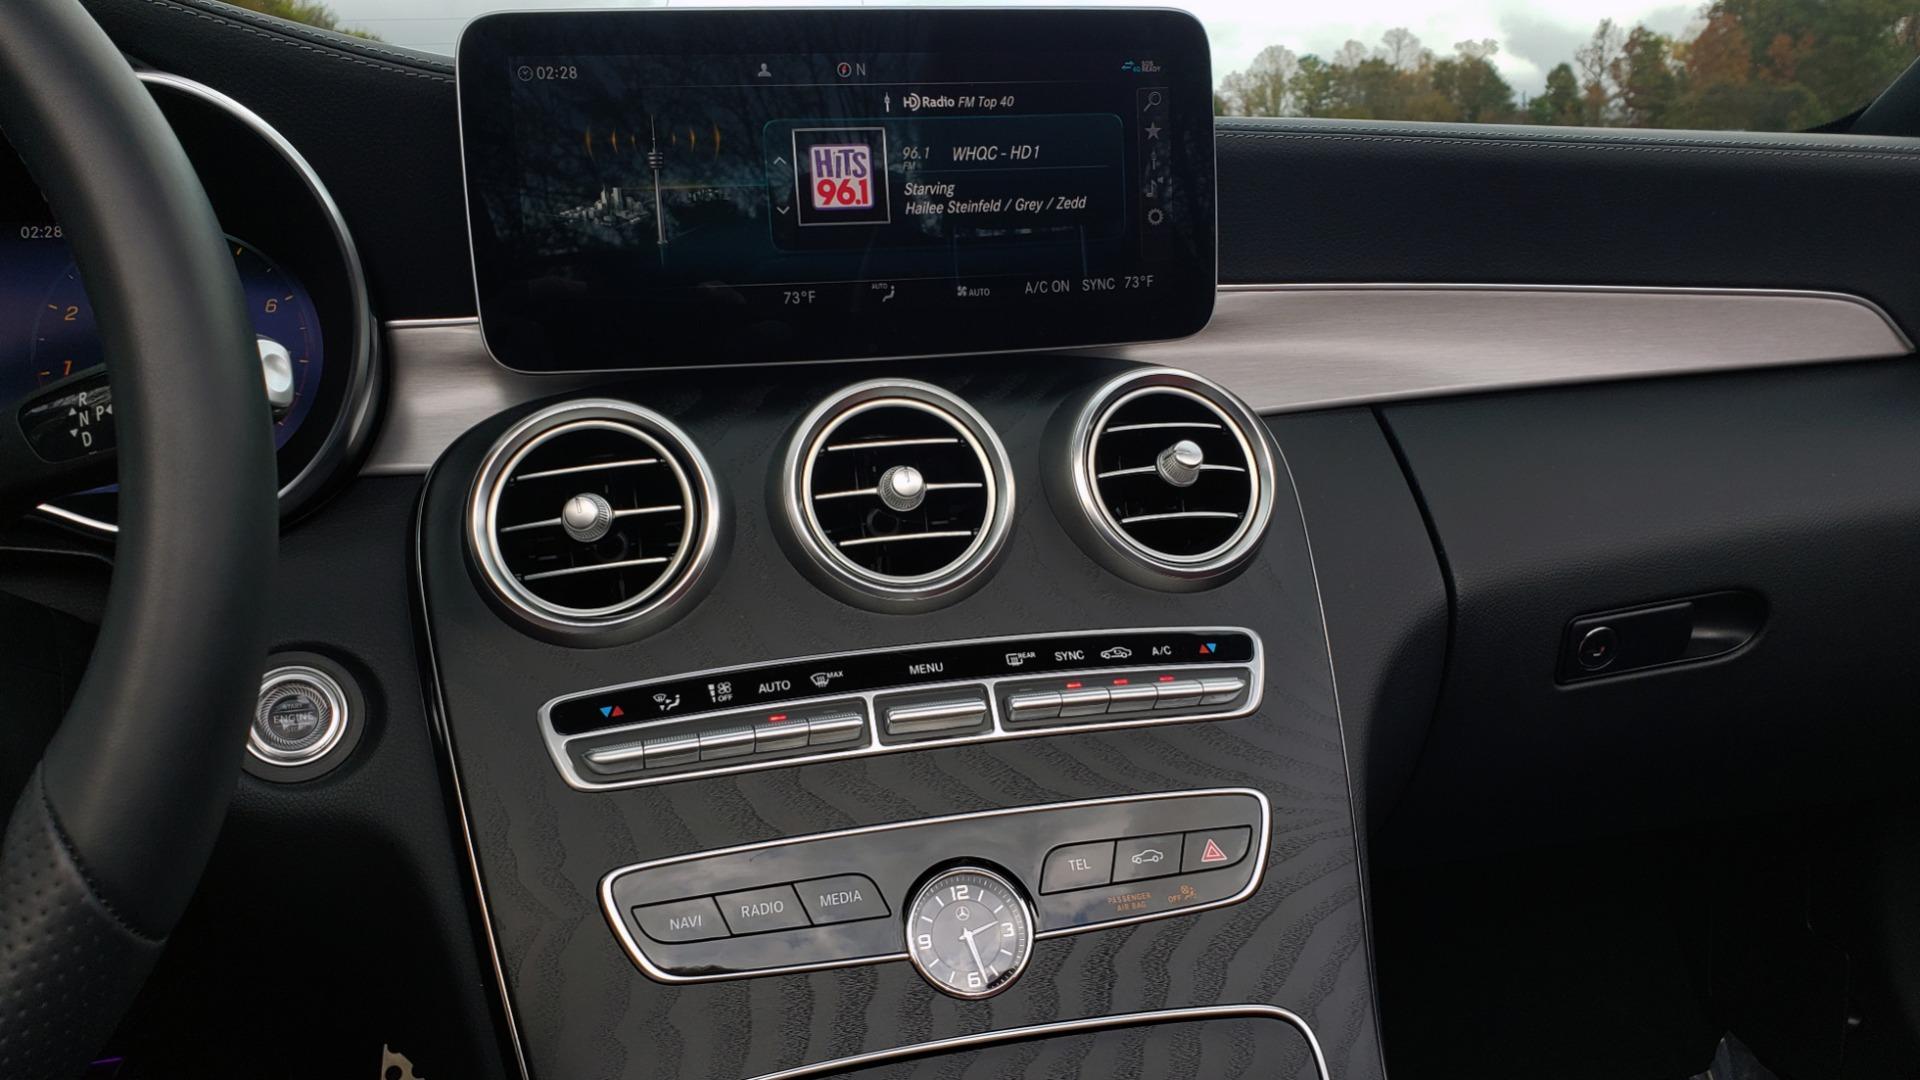 Used 2019 Mercedes-Benz C-CLASS C 300 CABRIOLET / PREM PKG / NAV / BURMESTER / MULTIMEDIA for sale Sold at Formula Imports in Charlotte NC 28227 44